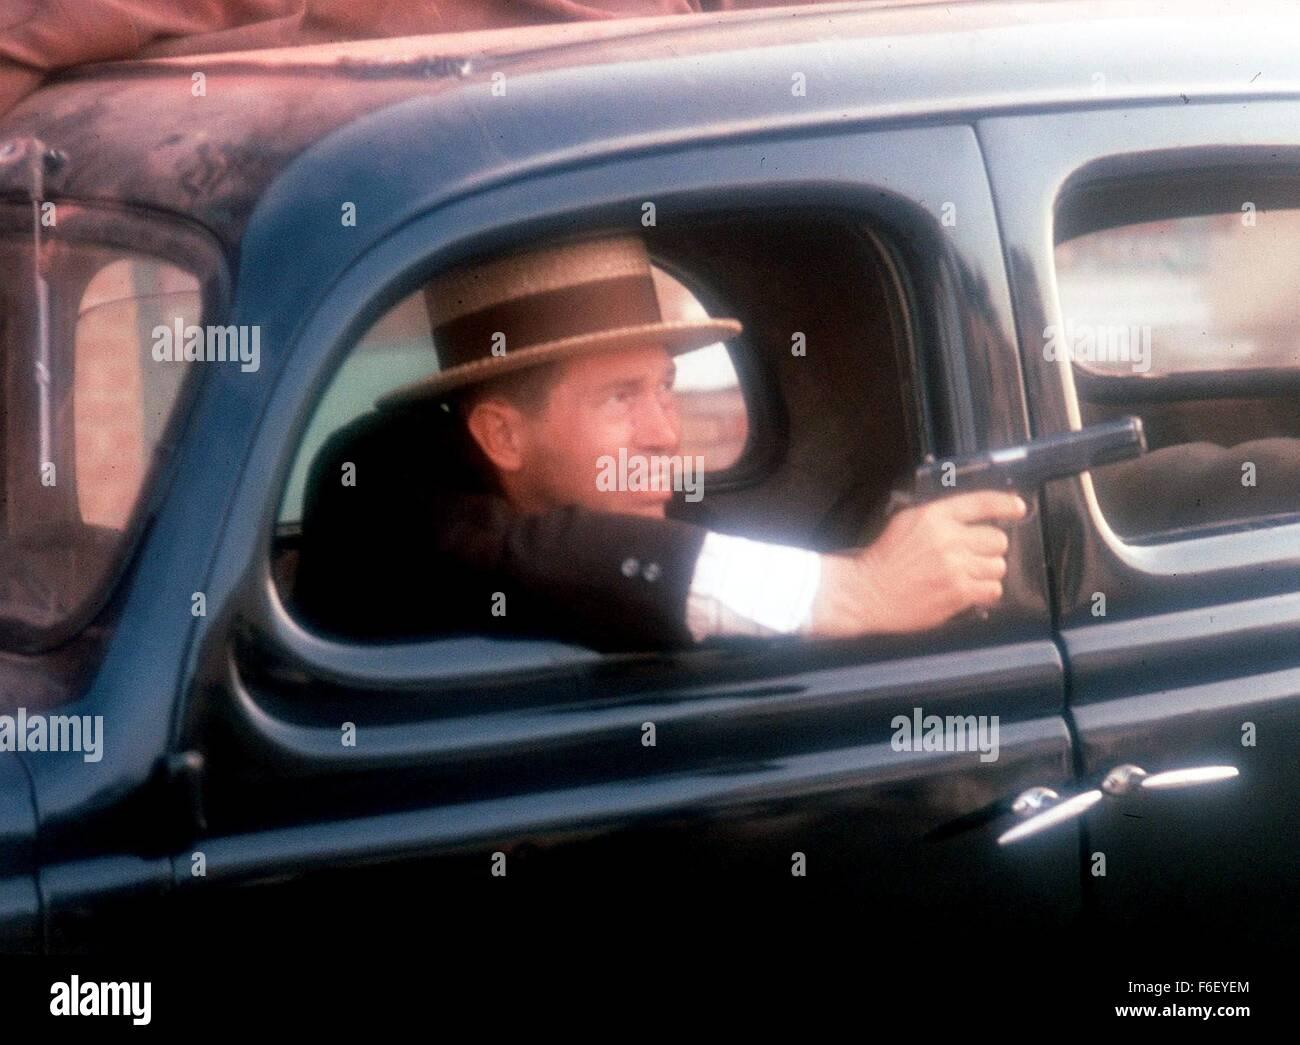 PICTURED: Mar 2, 1973 - Original Film Title: Dillinger. PICTURED: WARREN OATES as John Dillinger. - Stock Image